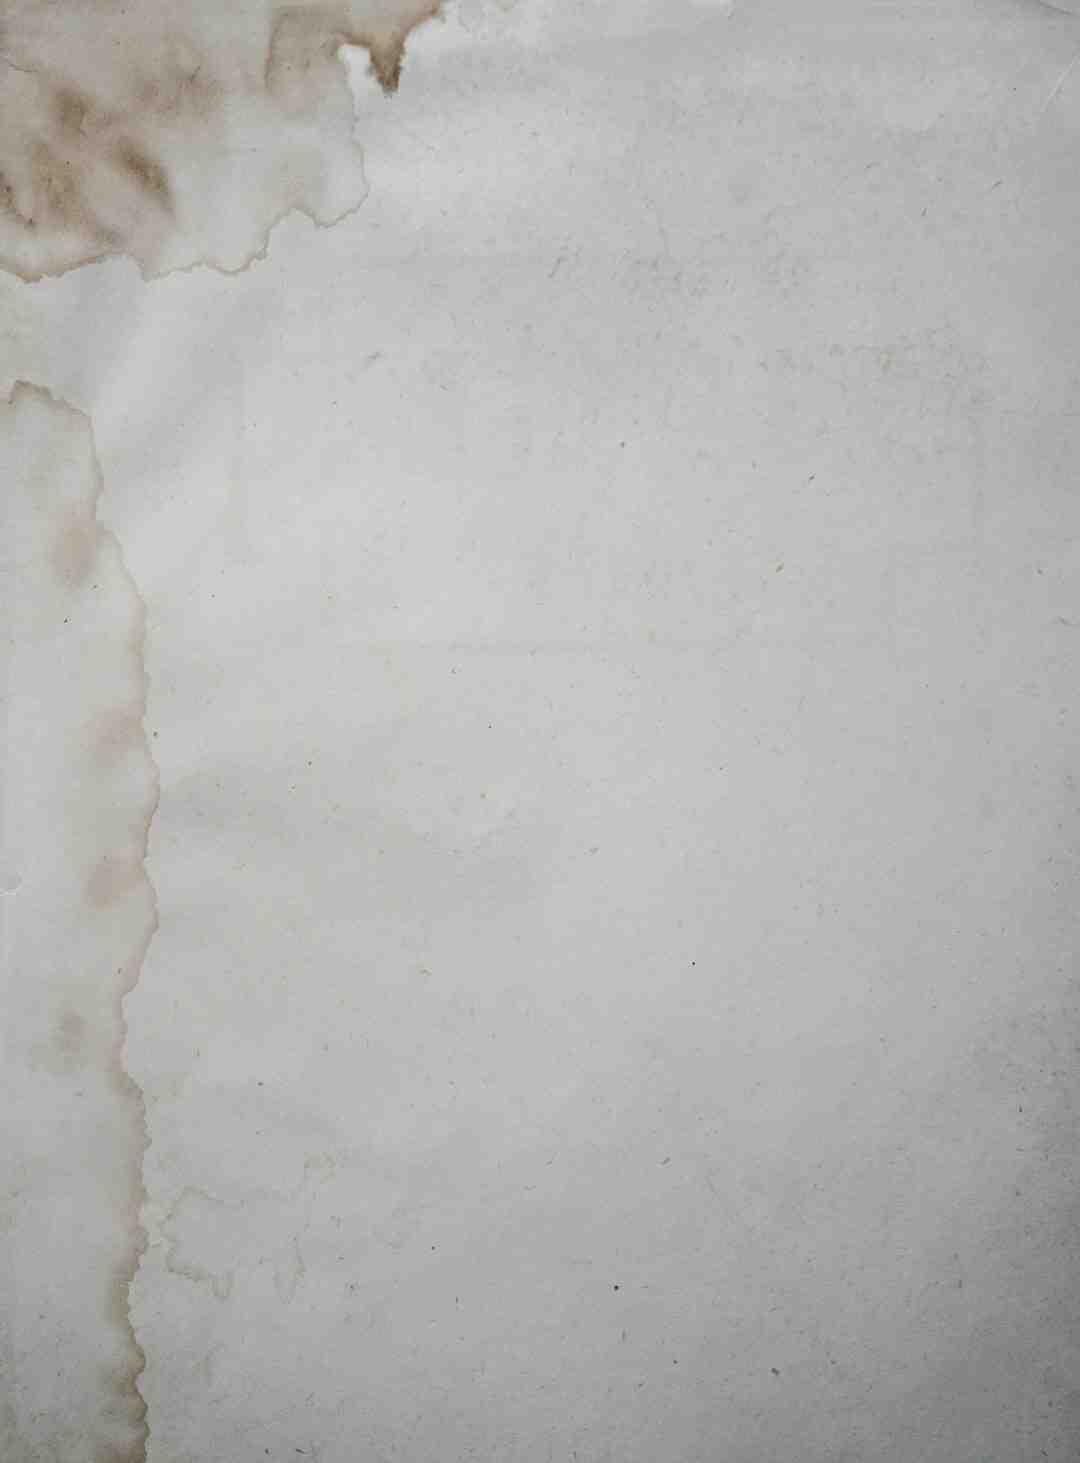 Comment  Faire germer des graines de haricots sur de l'essuie‐tout humide